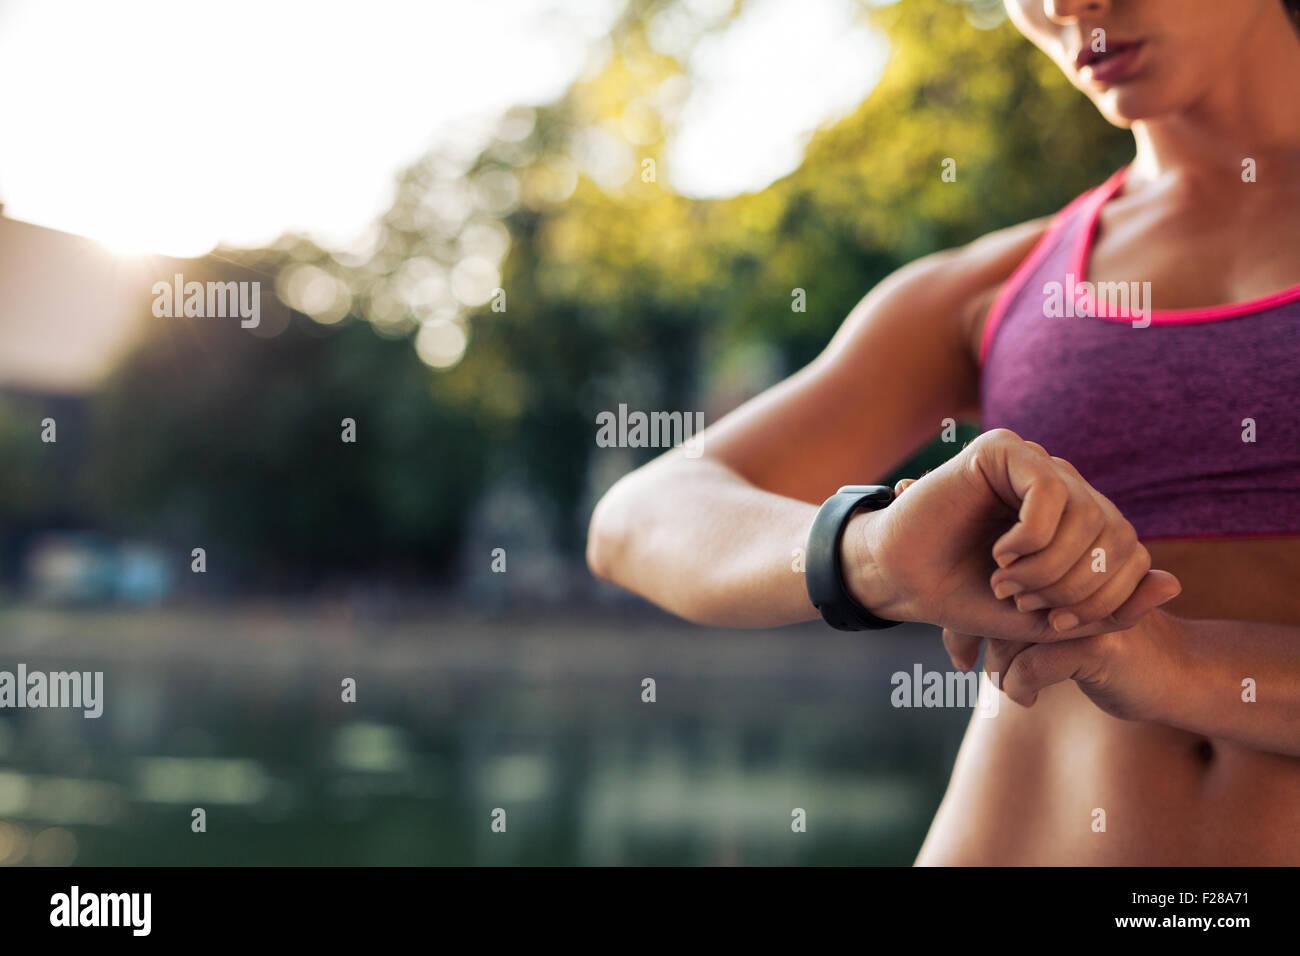 Femme mise en place de la smart watch remise en forme pour la course. Contrôle de l'appareil montre sportive. Photo Stock